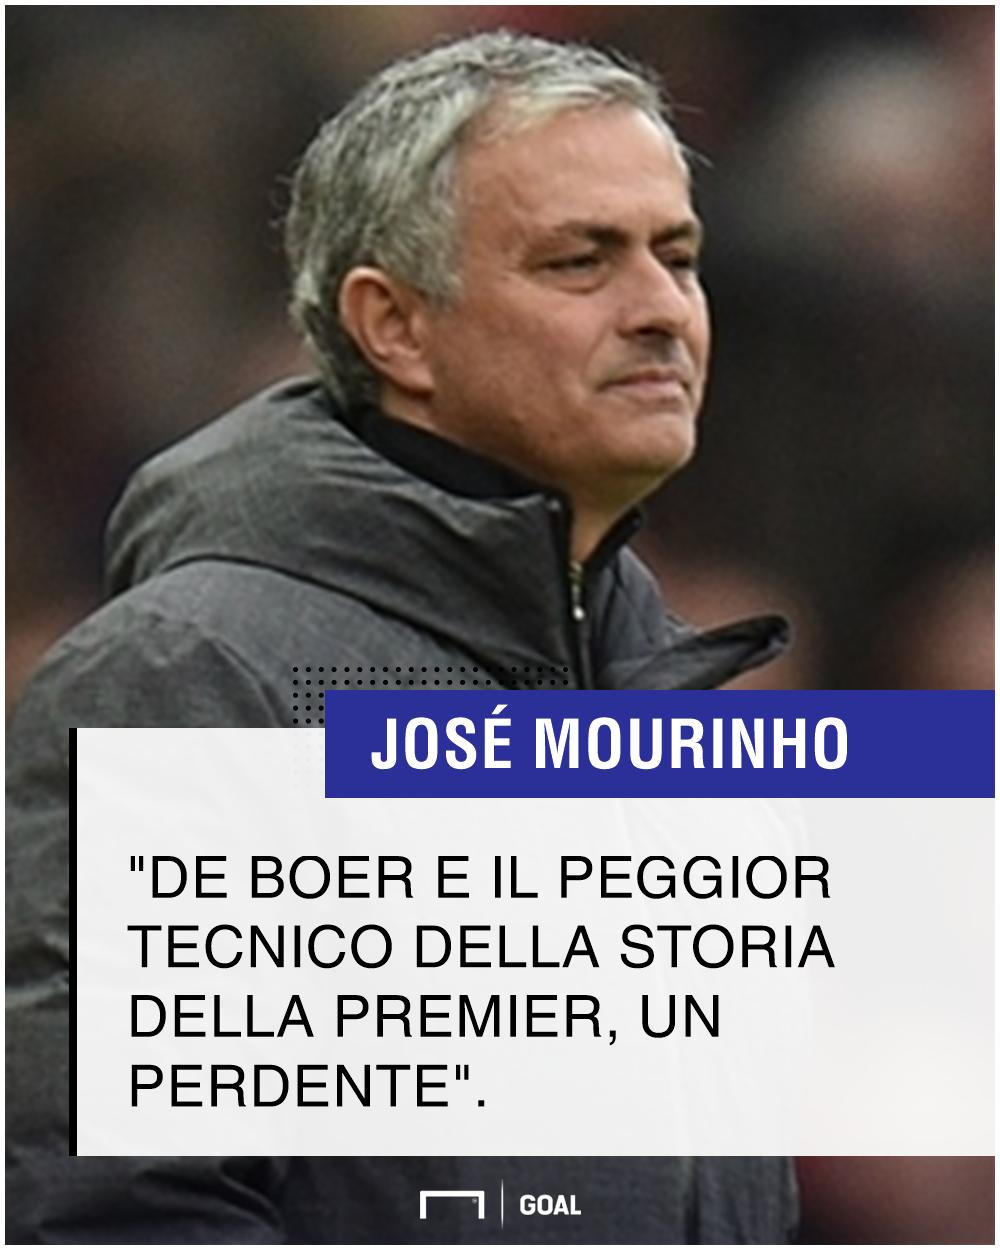 Mourinho attacca de Boer: